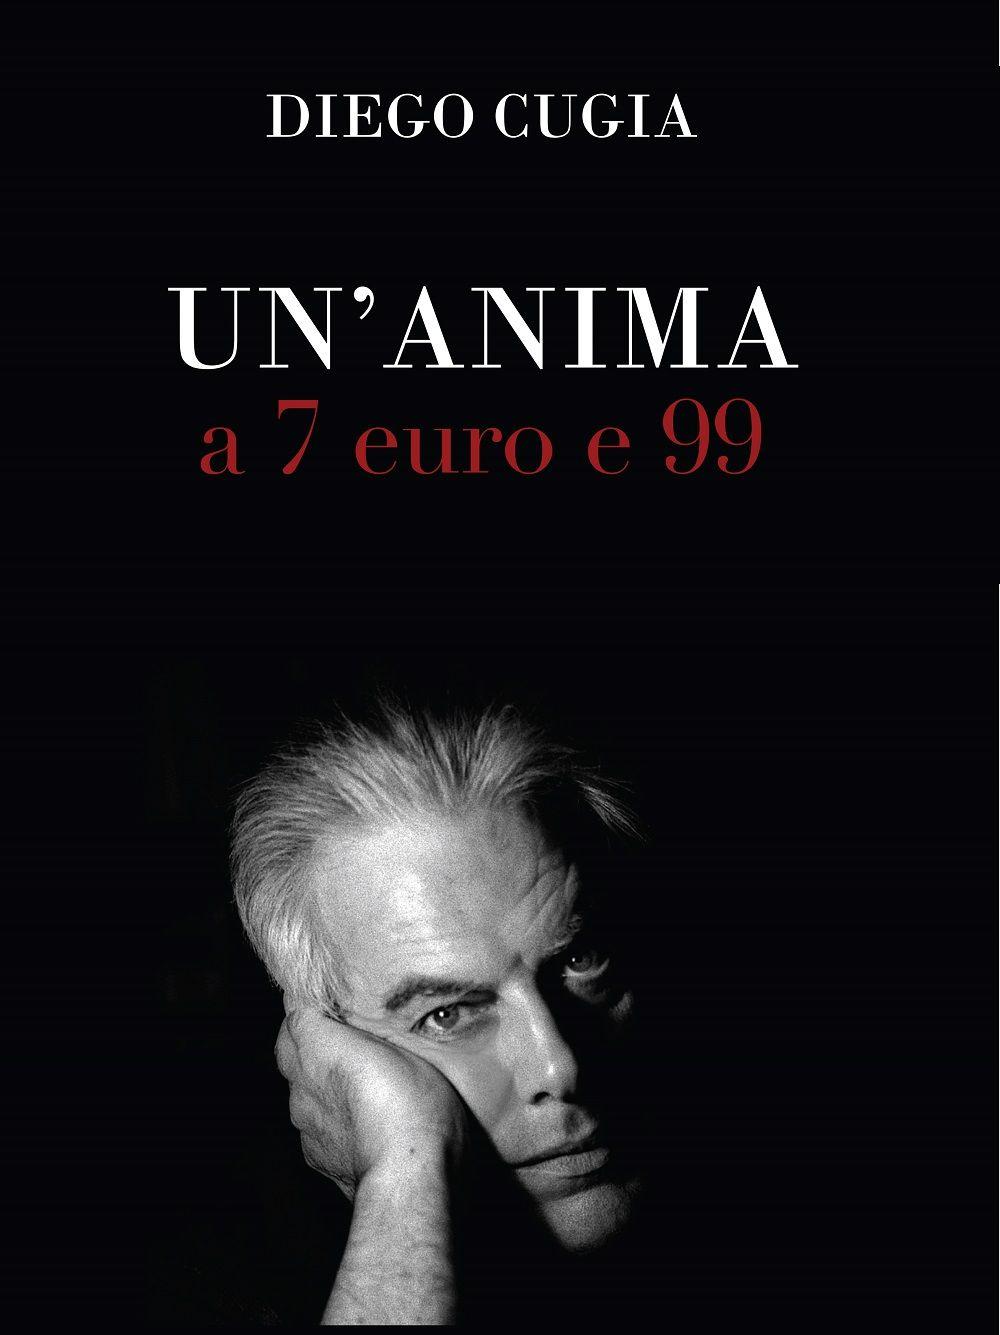 UN'ANIMA a 7 euro e 99